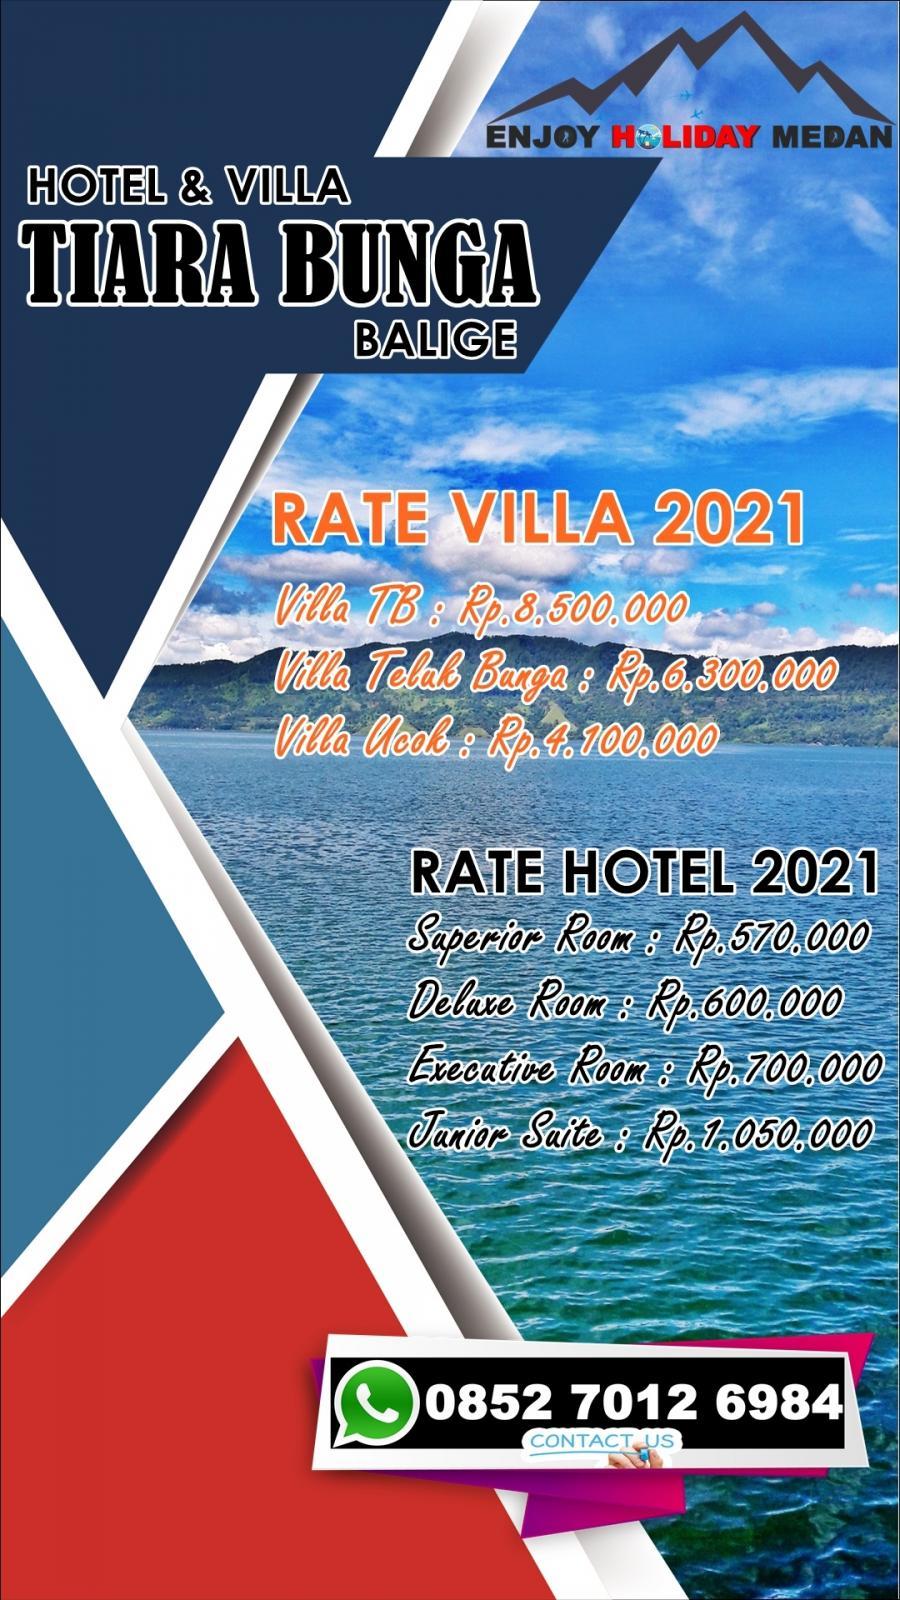 Tiara Bunga Resort Balige